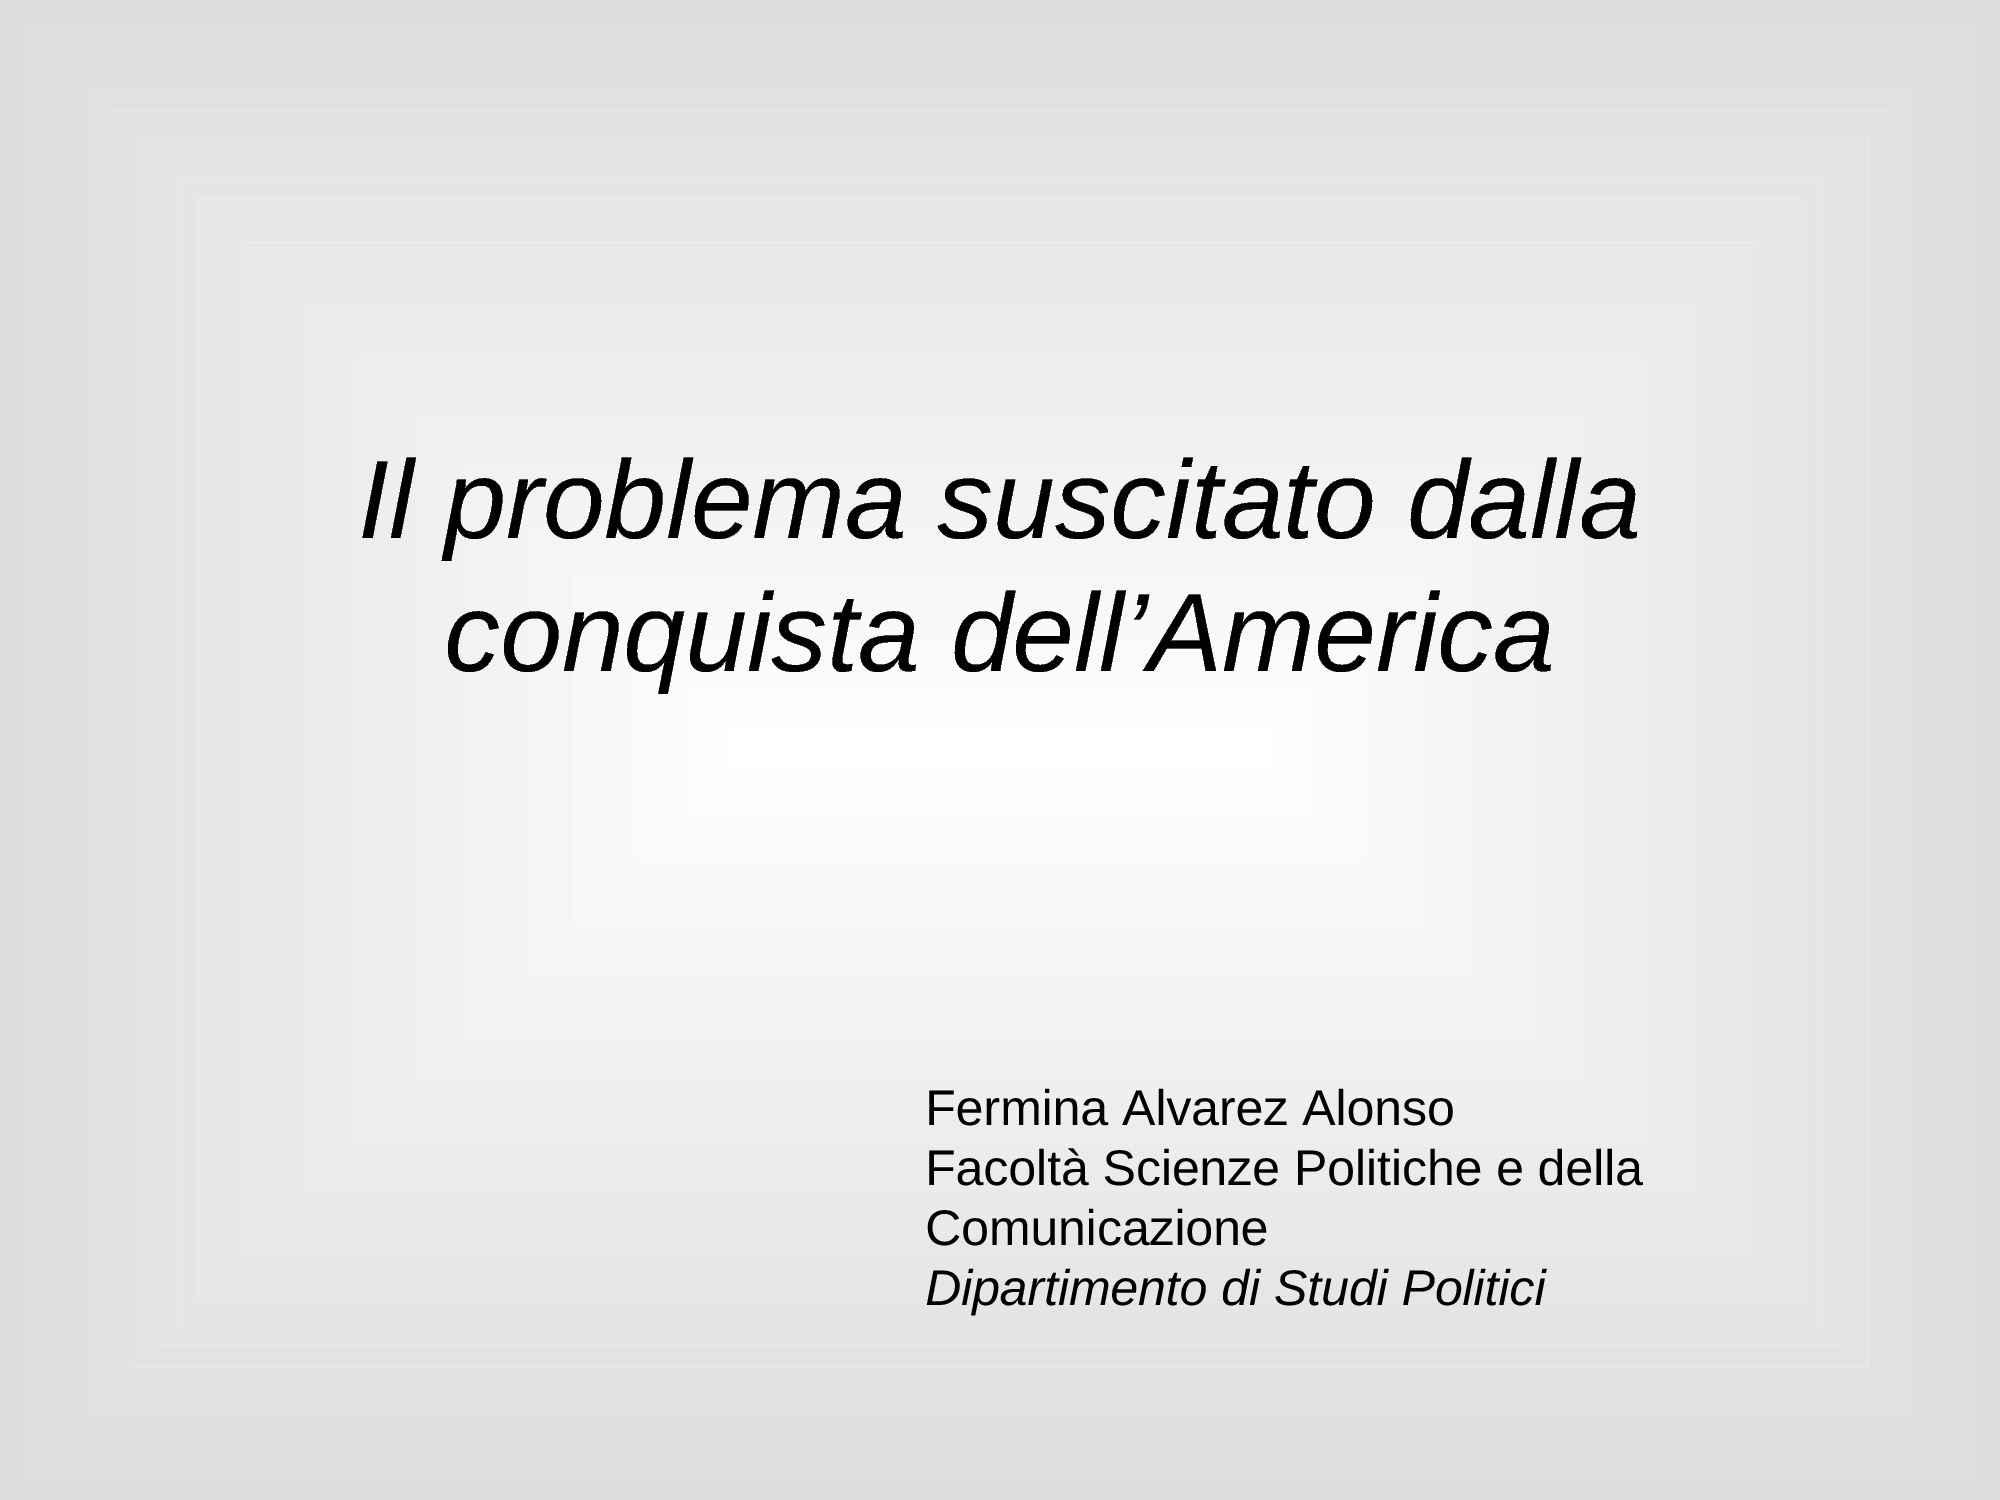 Problema suscitato dalla conquista dell'America